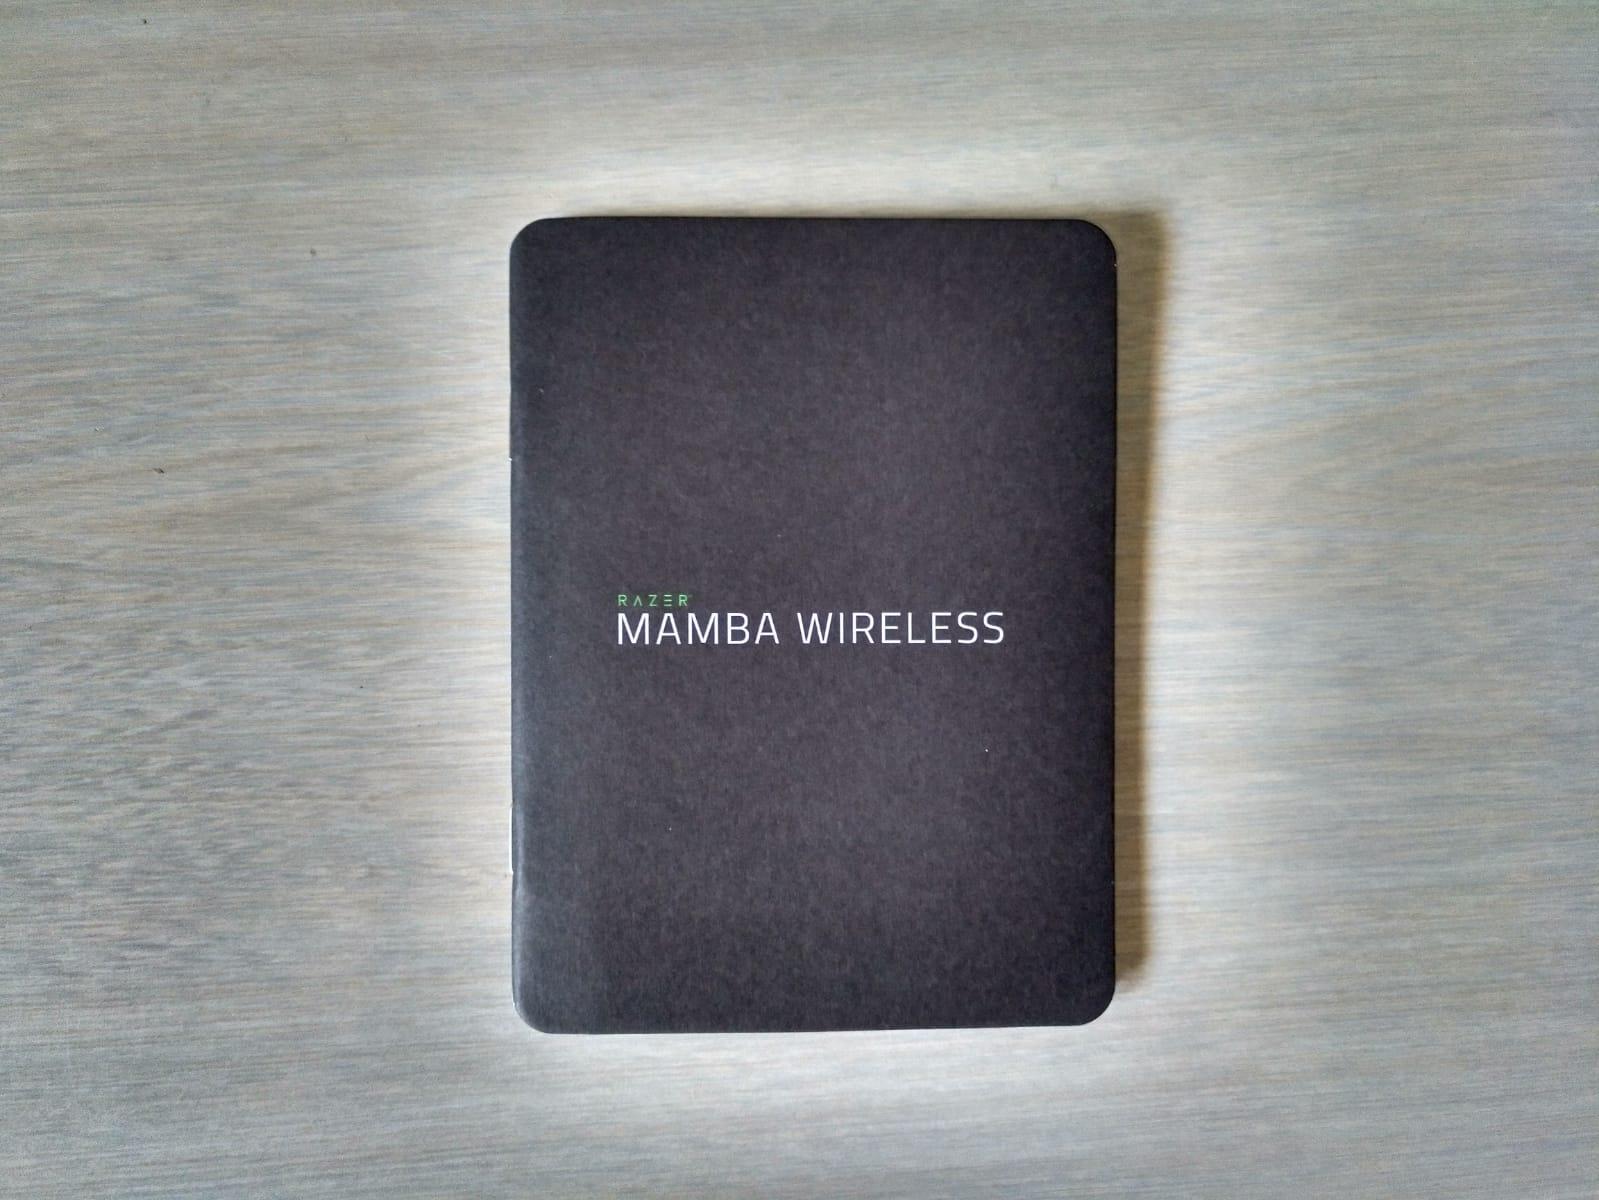 Razer Mamba Wireless Review en Español